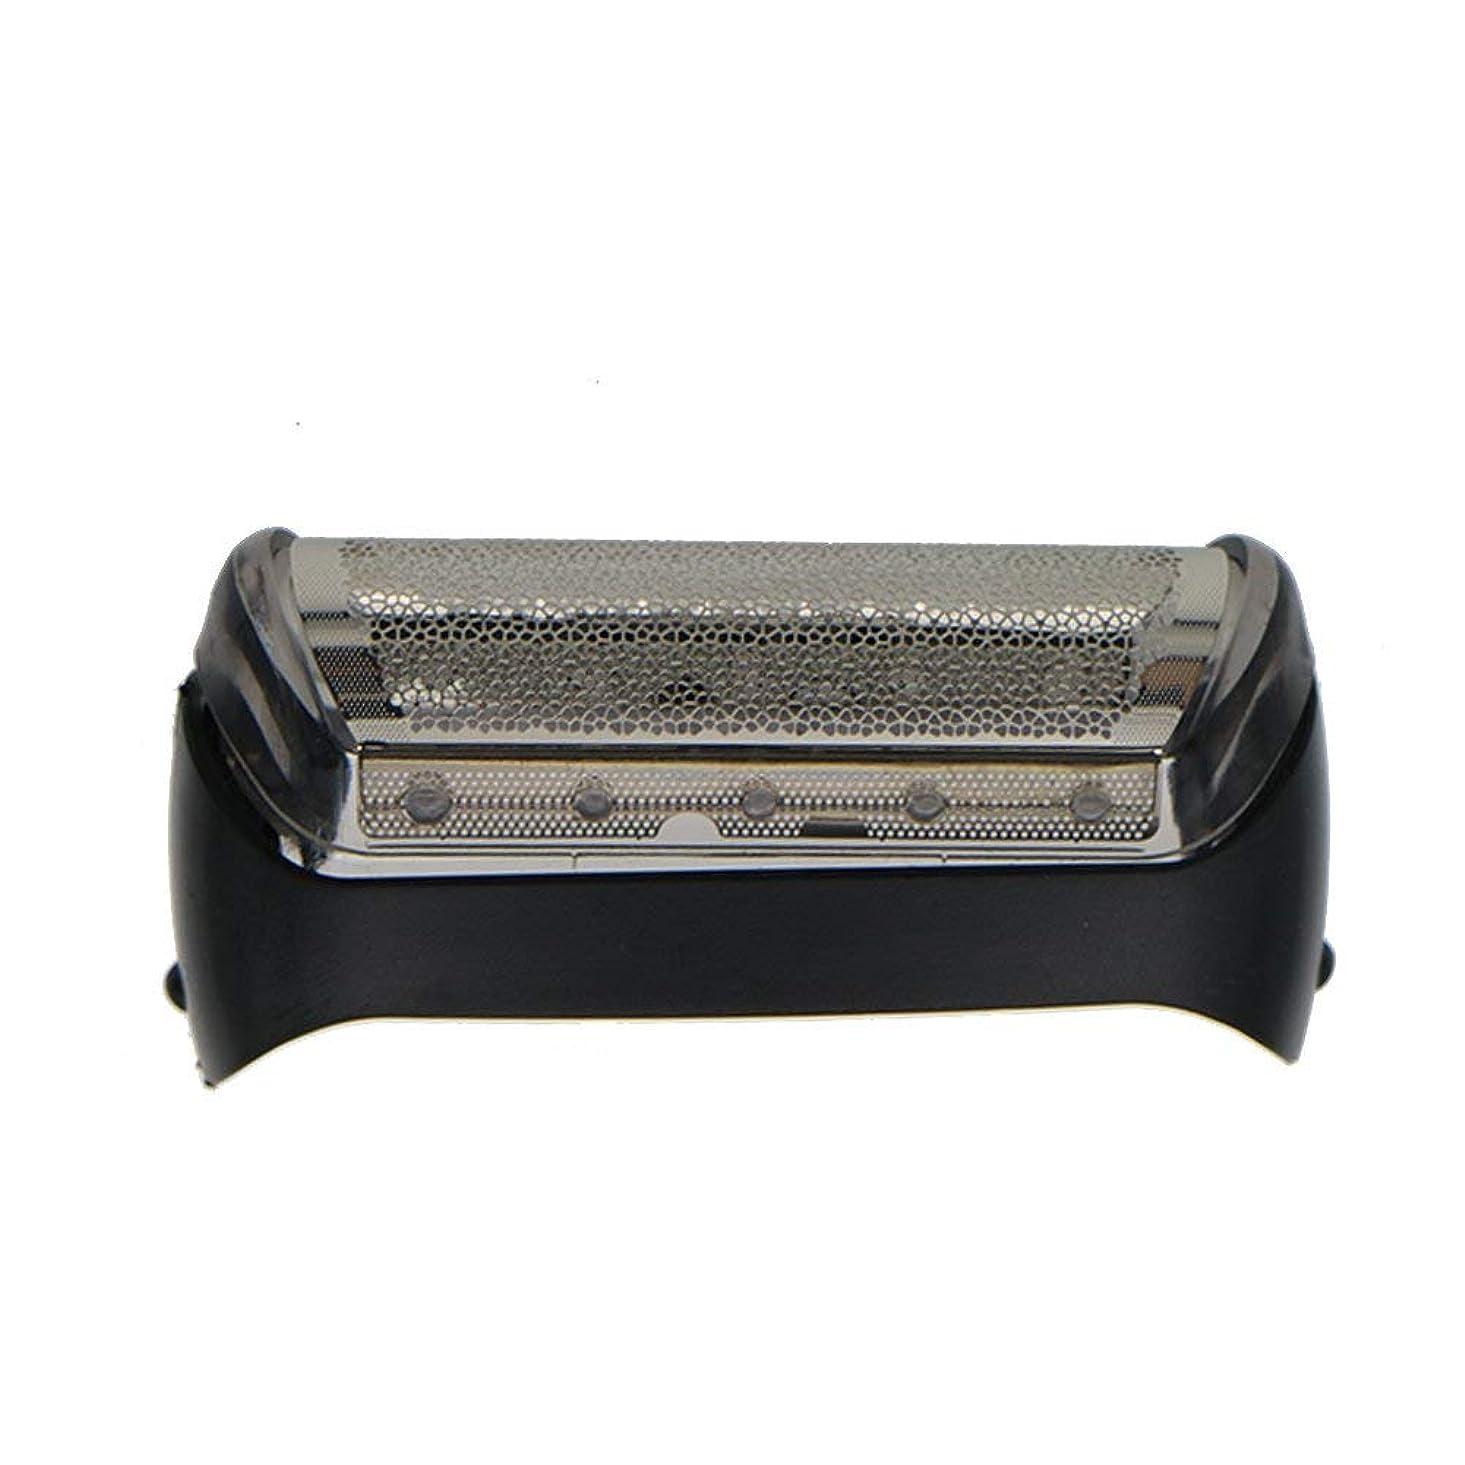 タイプライター有効ダーベビルのテスWuYan 交換用 ホイル互換性 Braun 10B 1000Series 170 180 190 1715 1735 1775 Z20 Z30 Z40 Z50 2776用